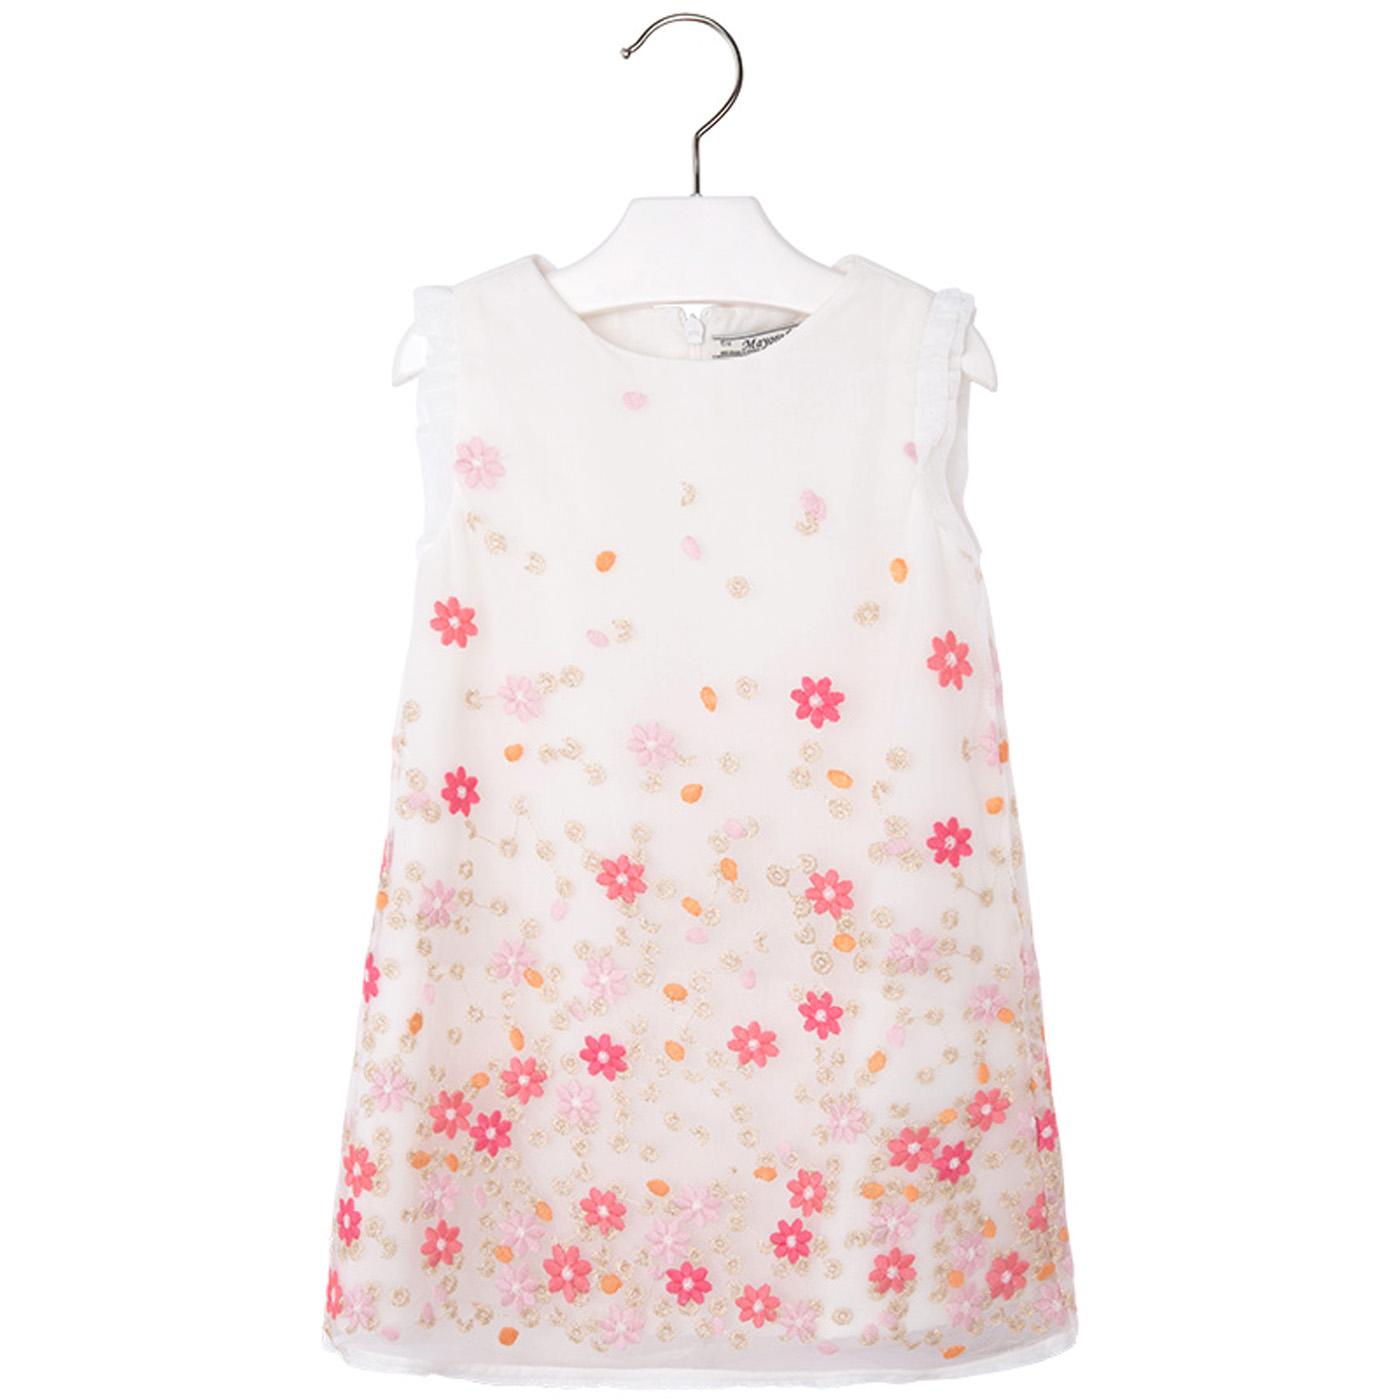 Mayoral Mädchen Kleid weiß mit rosa Blumen bestickt